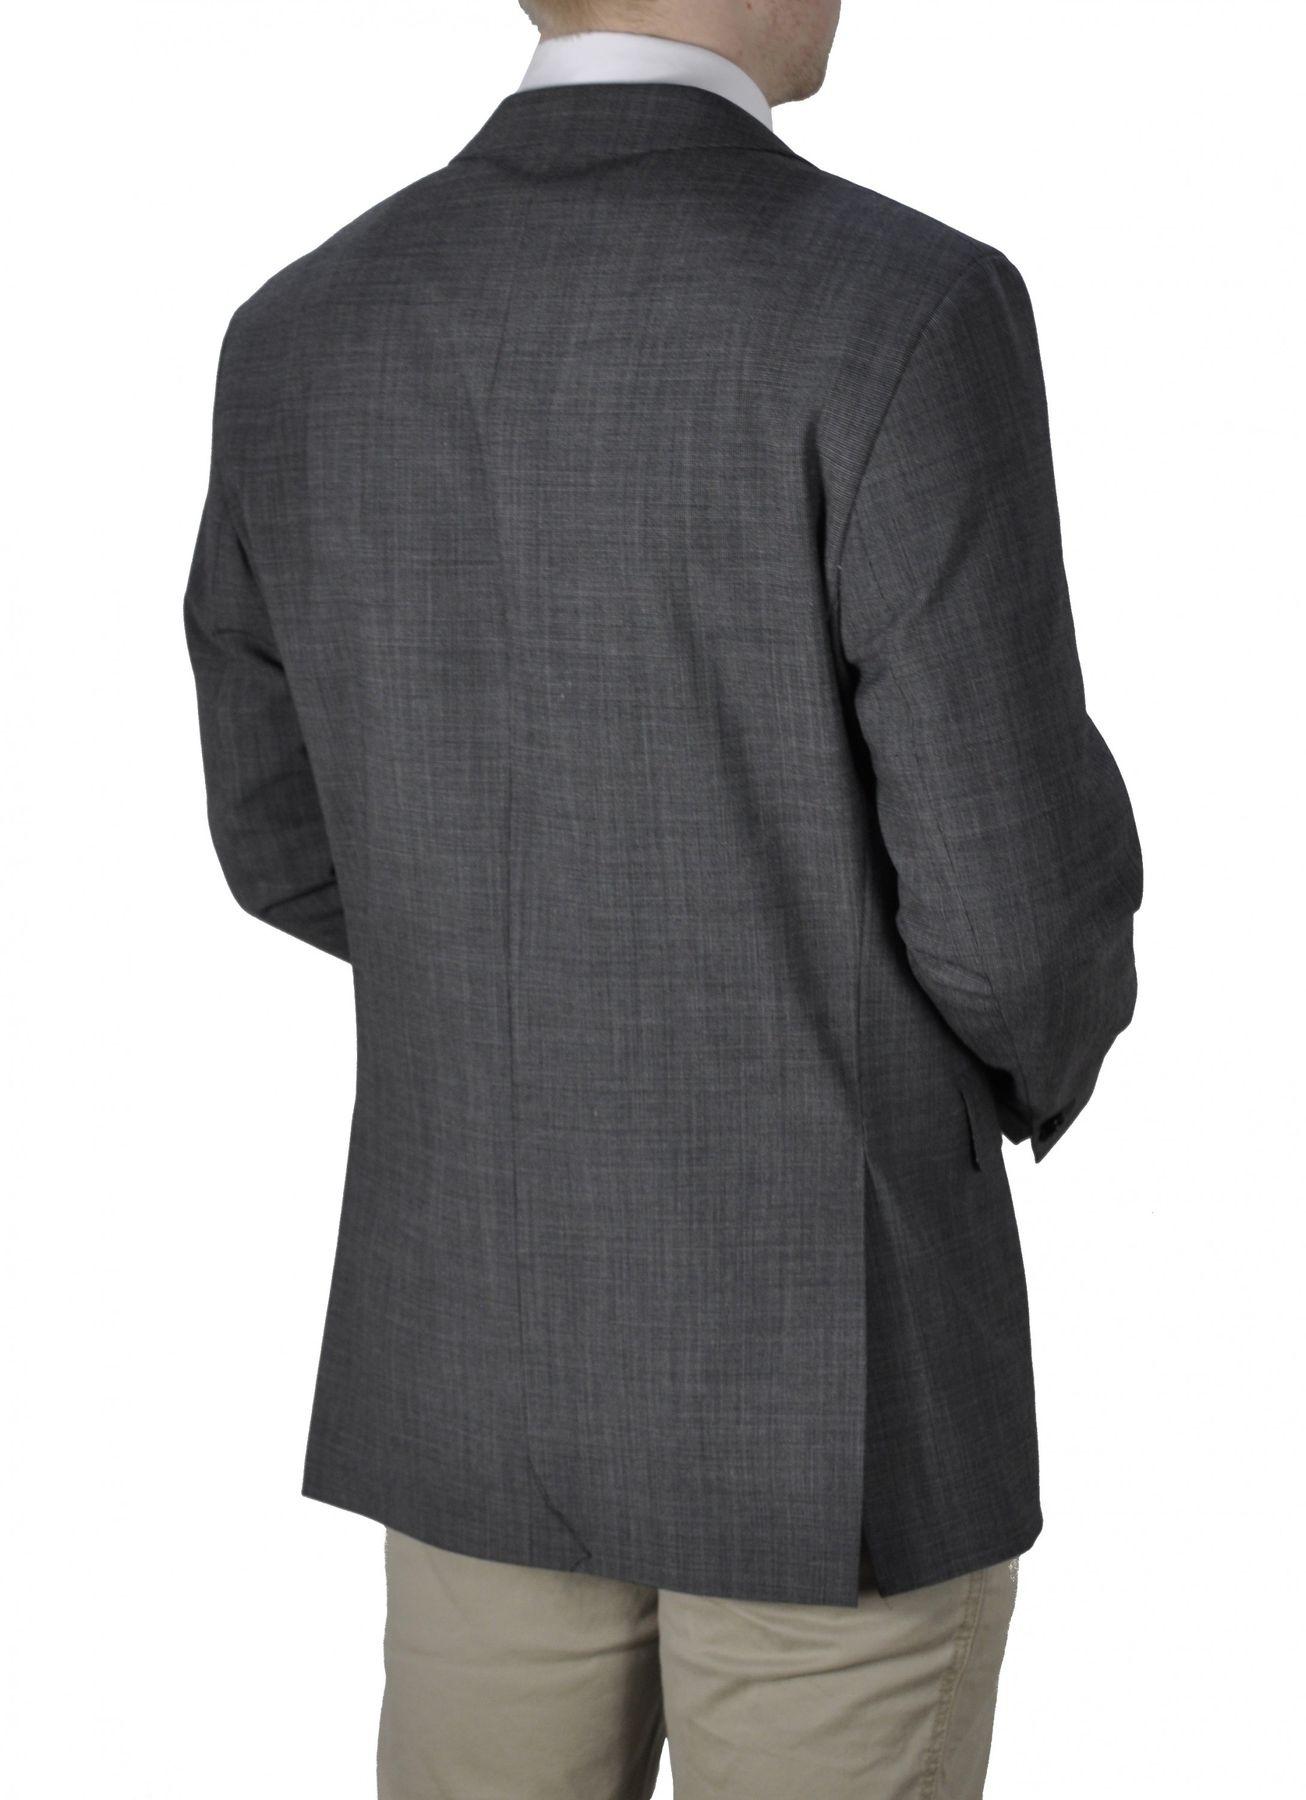 Weis - Herren Sakko mit Stretch Einsatz in Grau oder Blau, Benno 2215 (429 b689c5b15e